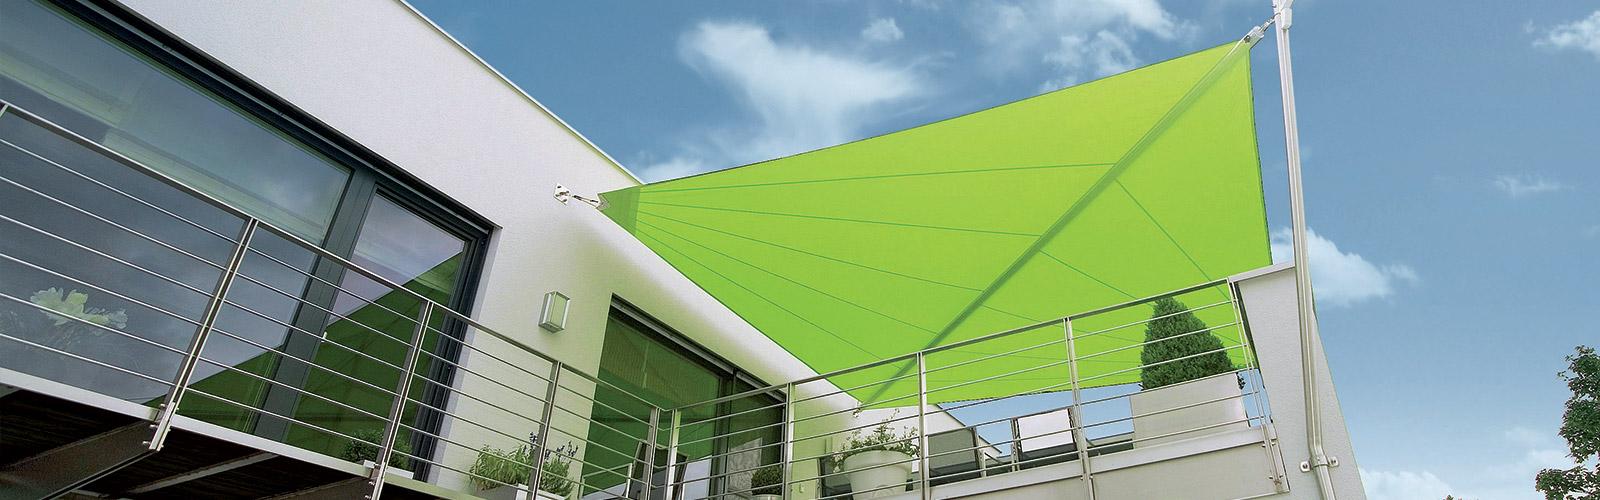 regenschutz balkon decor gehoor geven aan uw huis. Black Bedroom Furniture Sets. Home Design Ideas